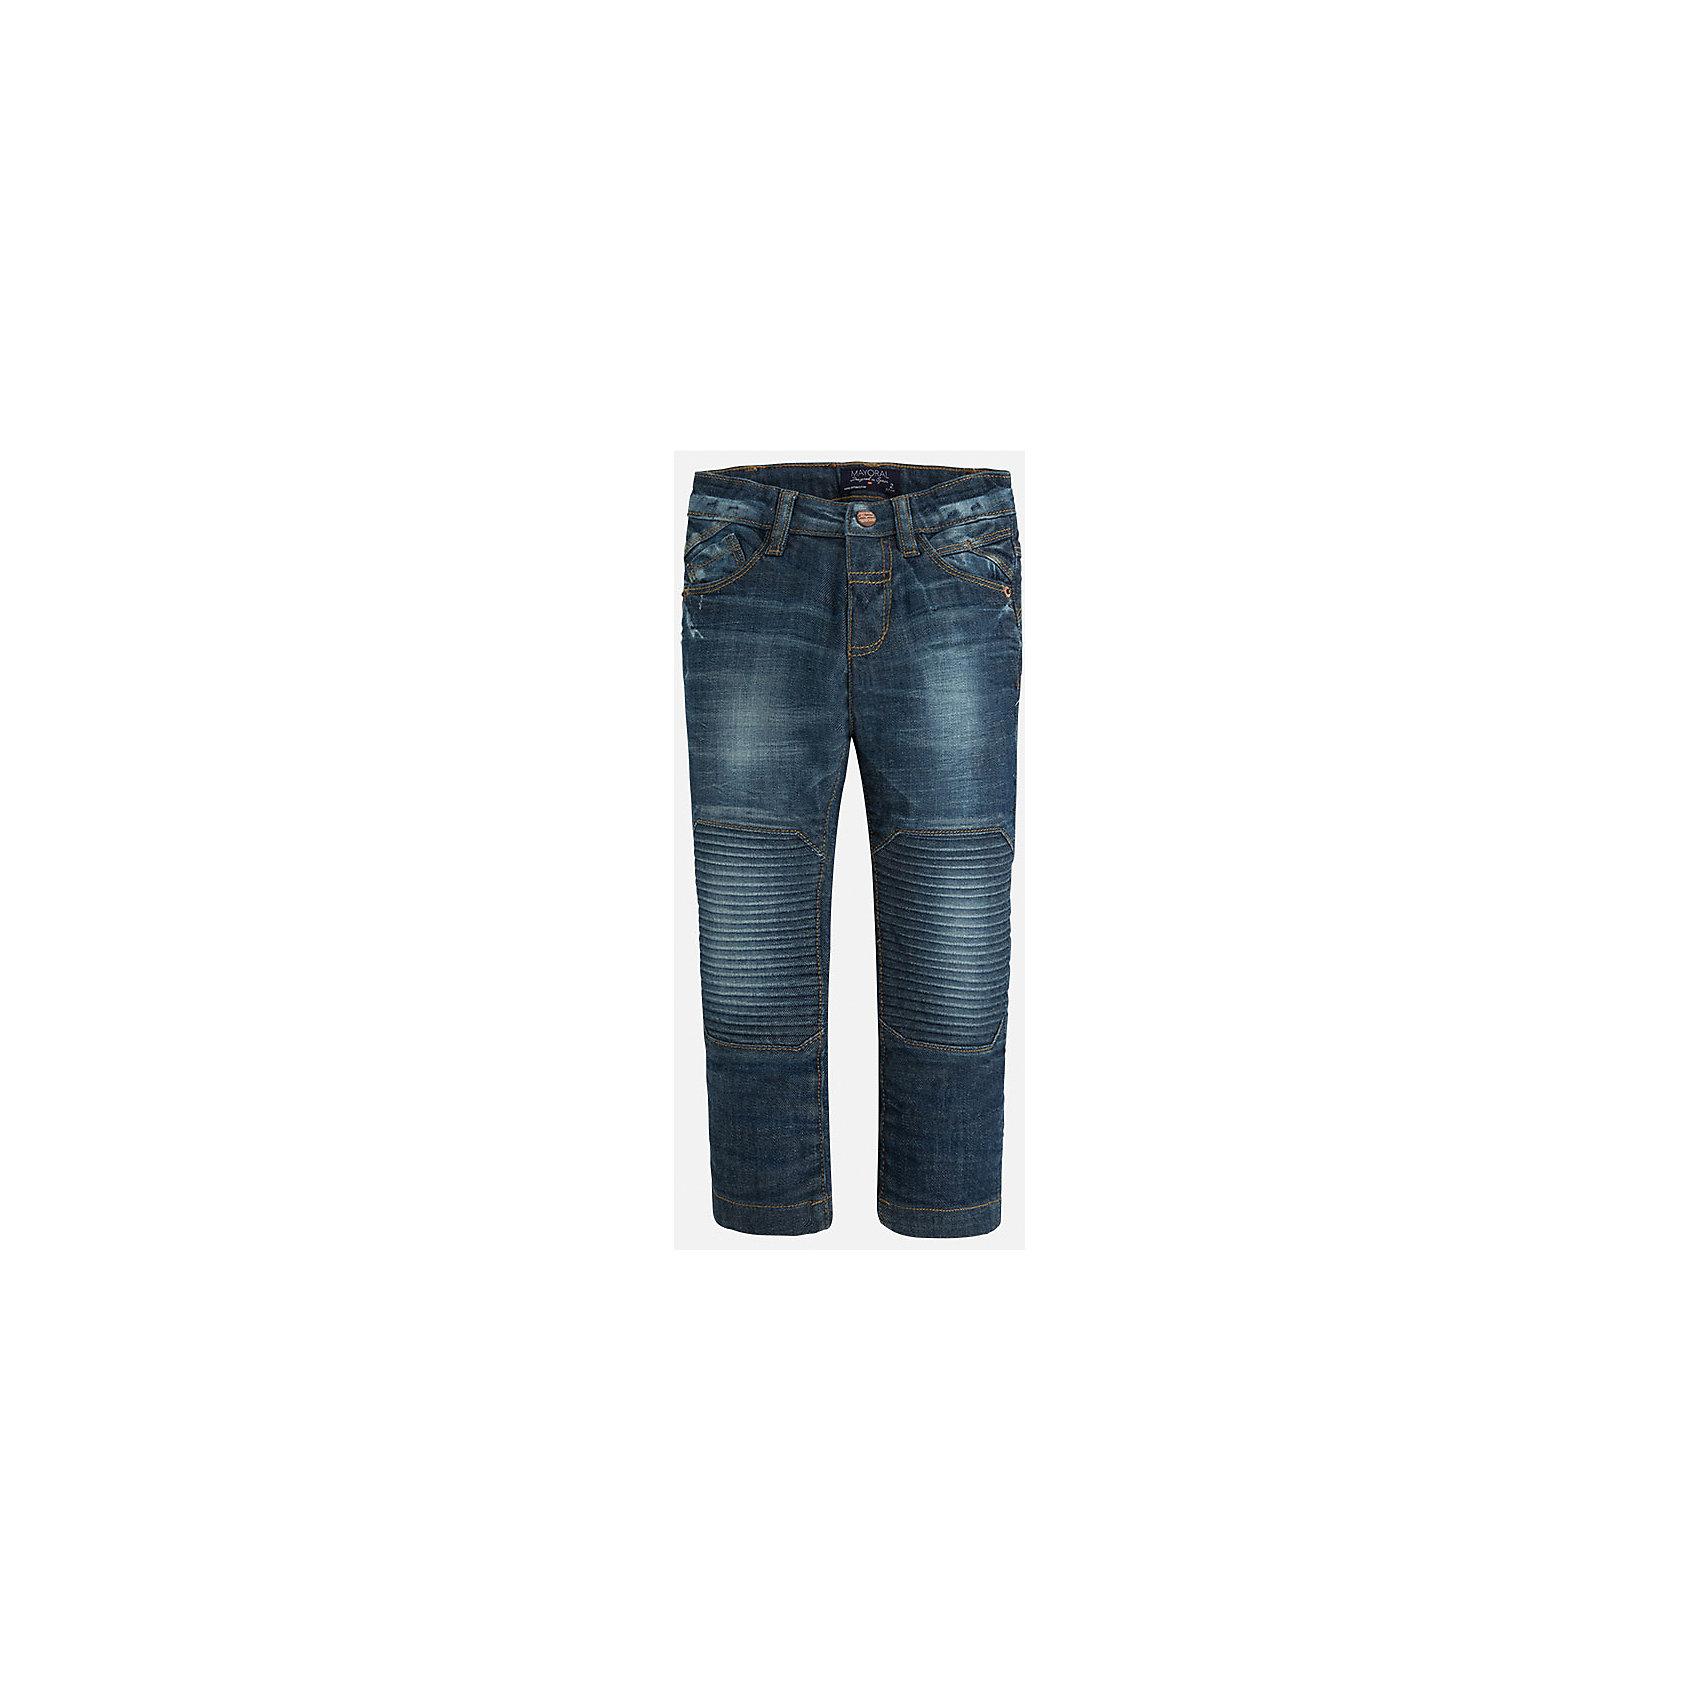 Джинсы для мальчика MayoralДжинсы<br>Стильные джинсы с специальной вставкой на коленях сразу понравятся Вашему ребенку!<br><br>Дополнительная информация:<br><br>- Крой: прямой крой, слегка заужены к низу.<br>- Страна бренда: Испания.<br>- Состав: хлопок 98%, эластан 2%.<br>- Цвет: синий.<br>- Уход: бережная стирка при 30 градусах.<br><br>Купить брюки для мальчика Mayoral можно в нашем магазине.<br><br>Ширина мм: 215<br>Глубина мм: 88<br>Высота мм: 191<br>Вес г: 336<br>Цвет: синий<br>Возраст от месяцев: 60<br>Возраст до месяцев: 72<br>Пол: Мужской<br>Возраст: Детский<br>Размер: 116,122,128,134,98,104,110<br>SKU: 4826456